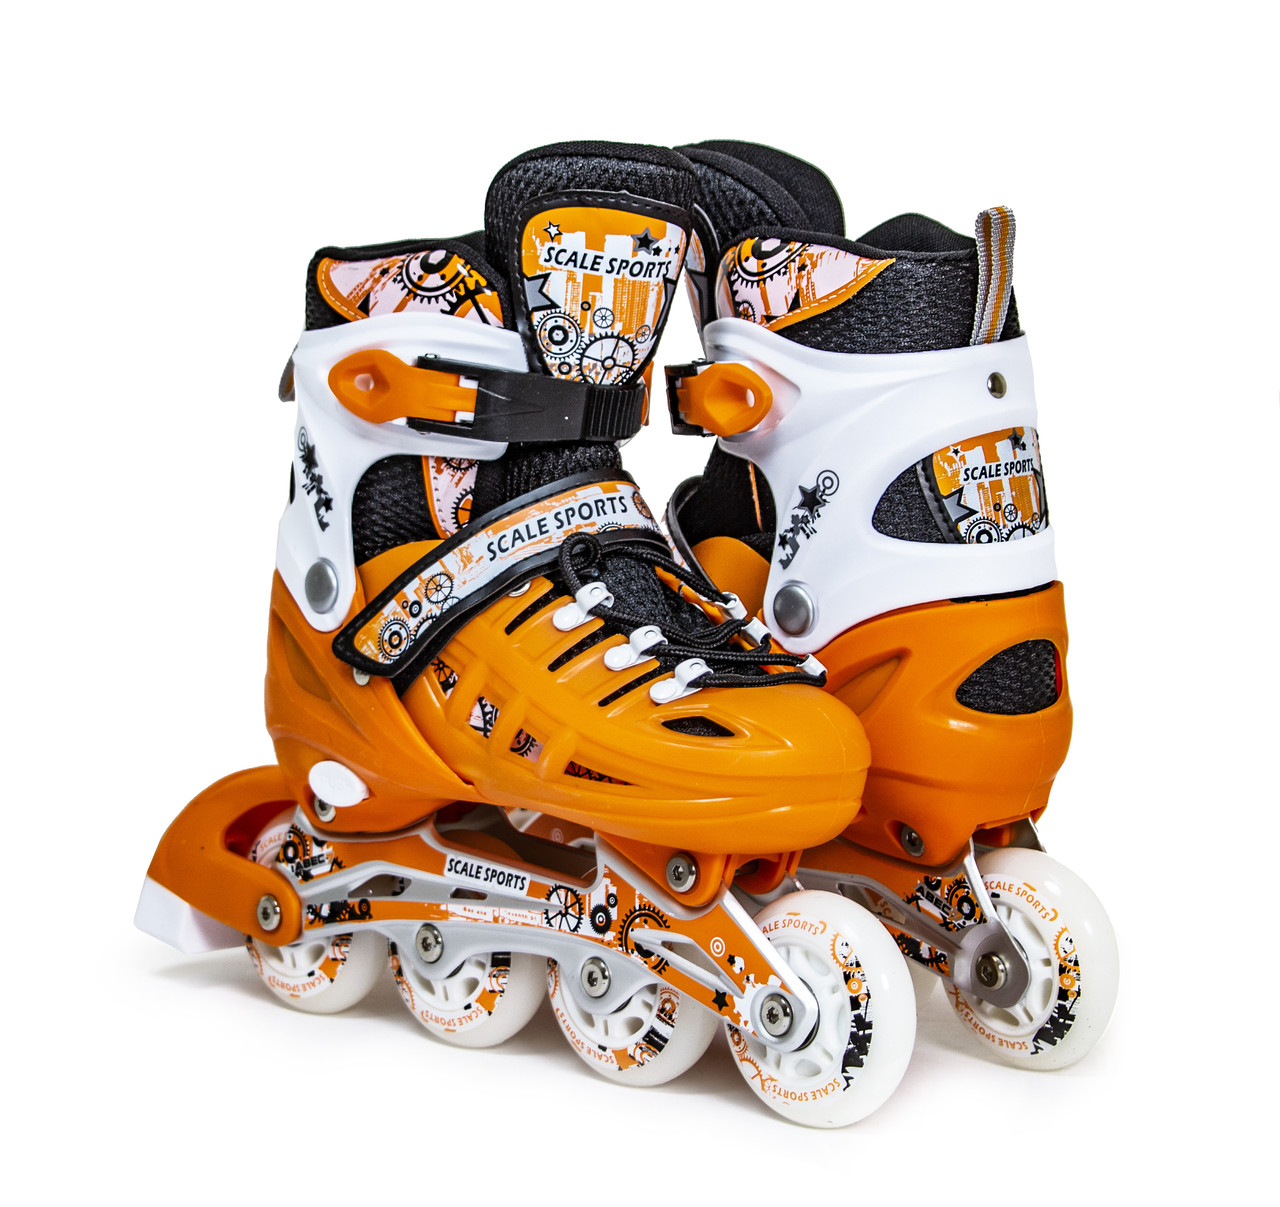 Ролики Scale Sports. Orange LF 905, розмір 38-41.